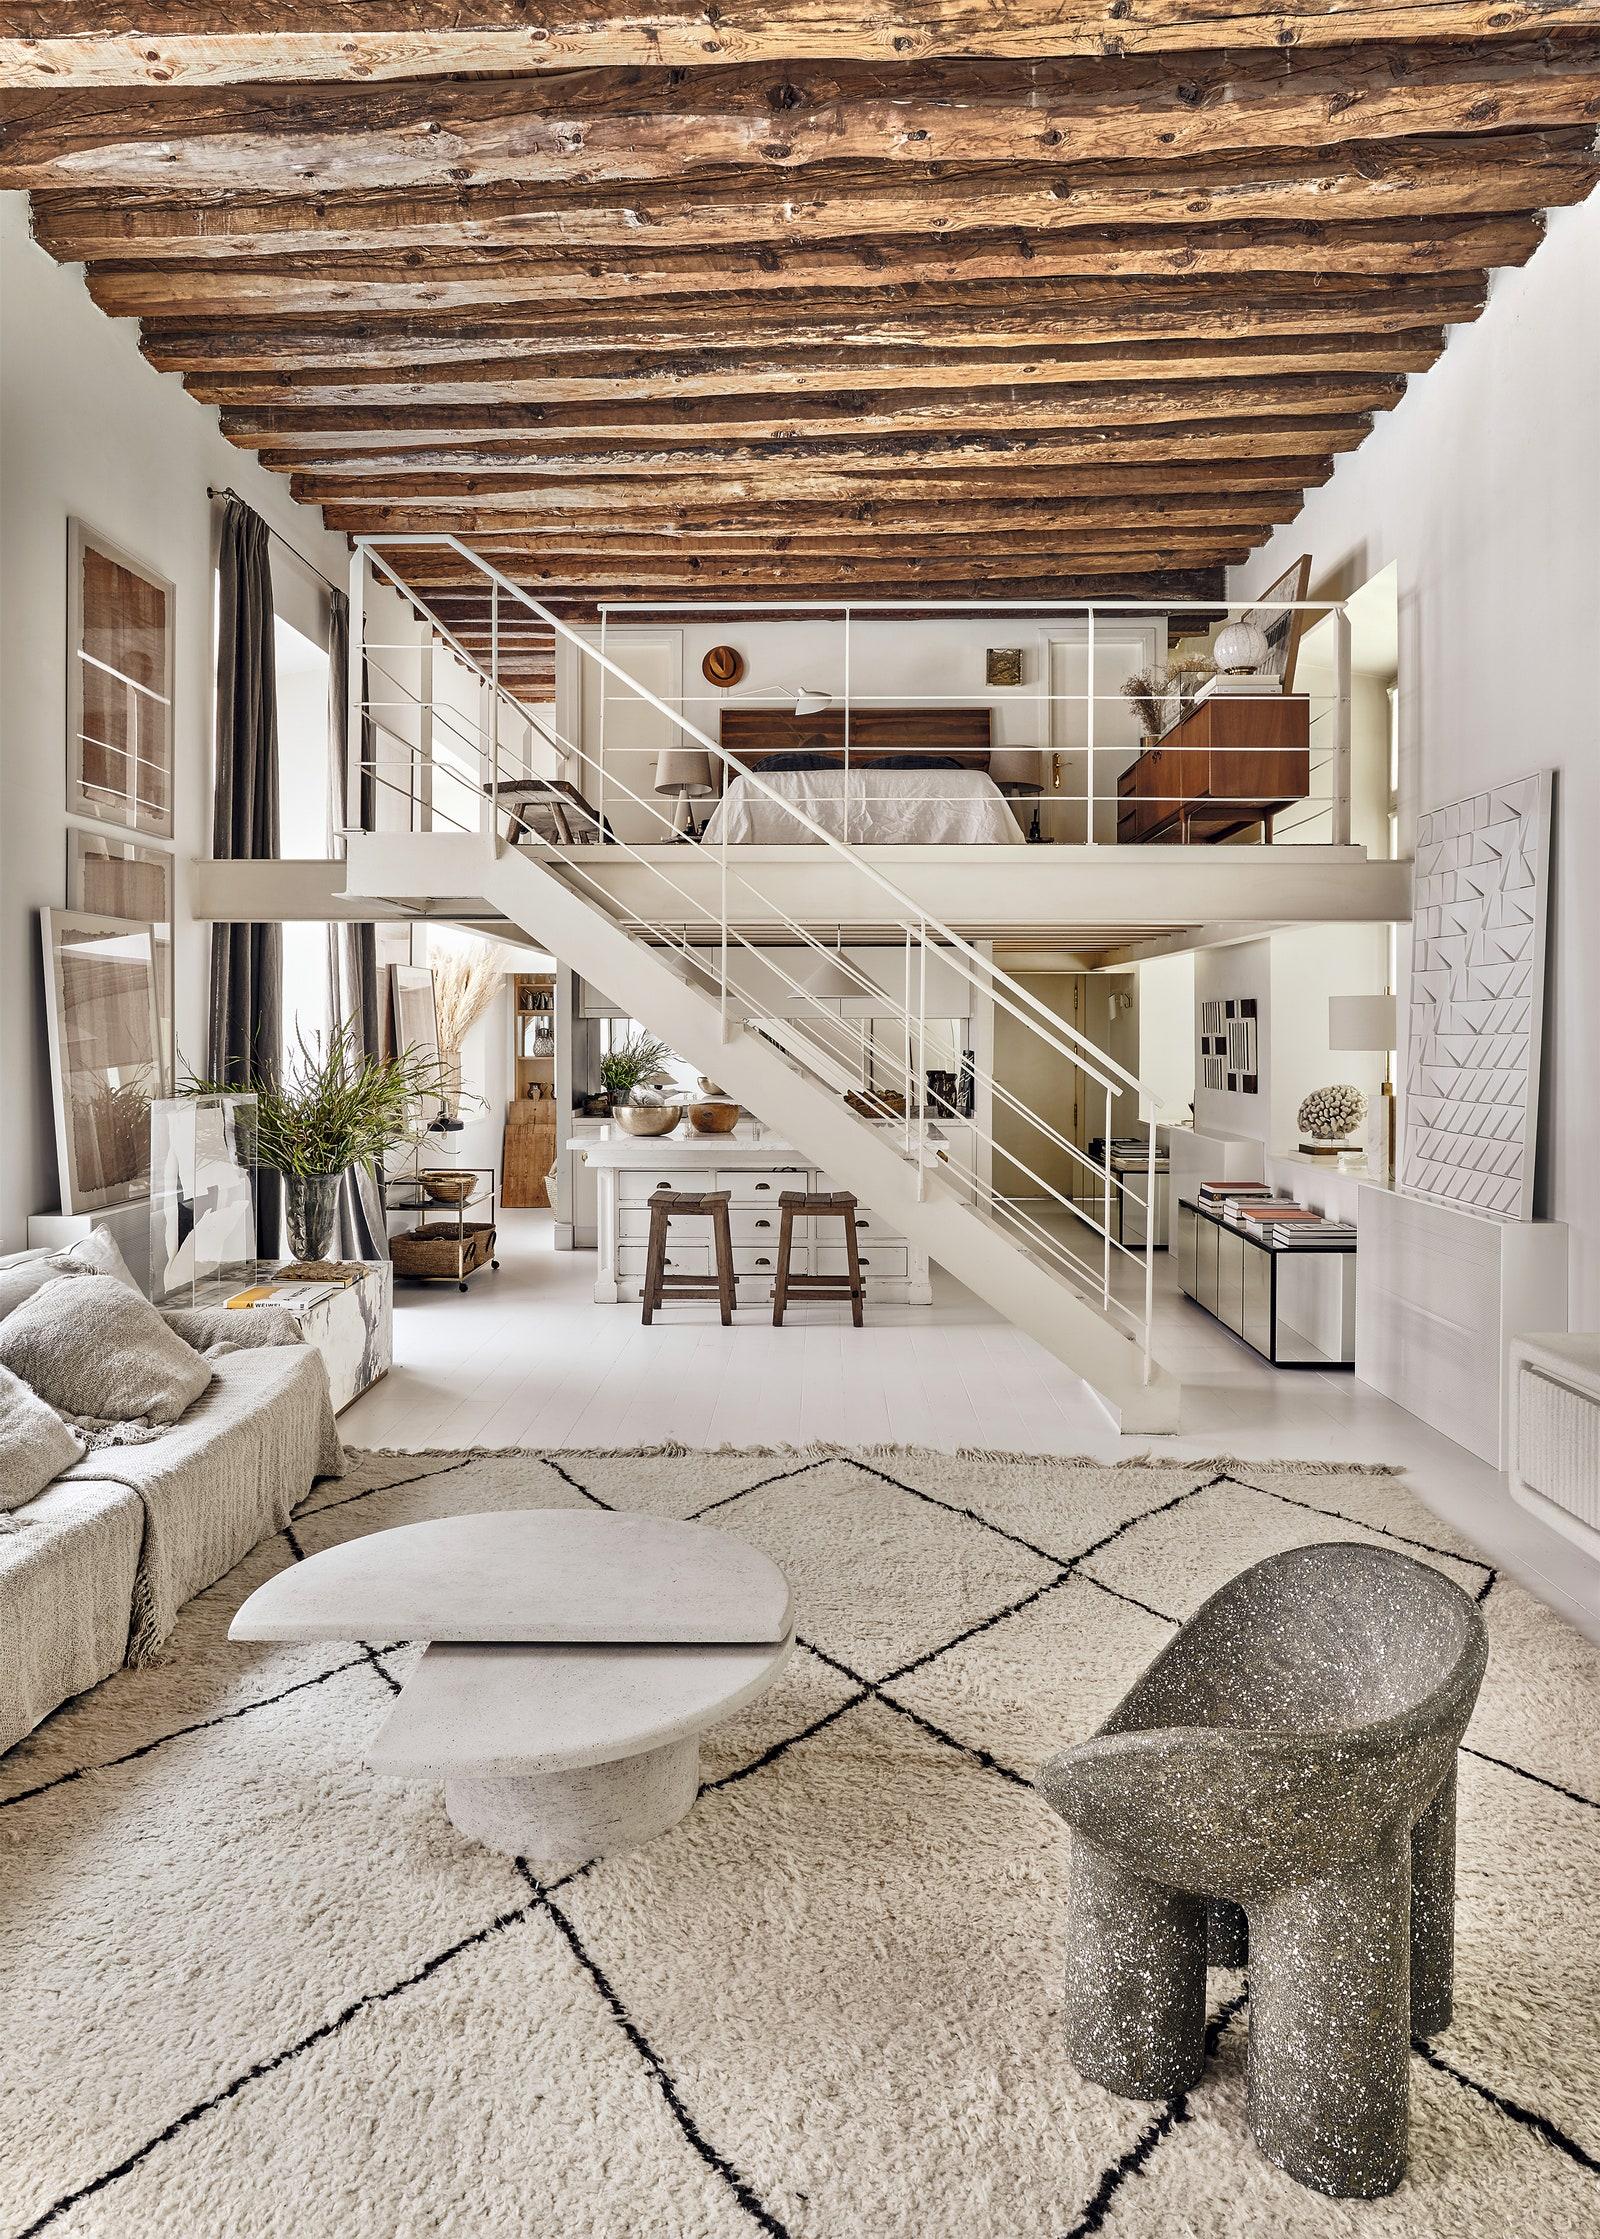 este_verano_practica_nesting_decoración_interiores_lifestyle_consejos-03